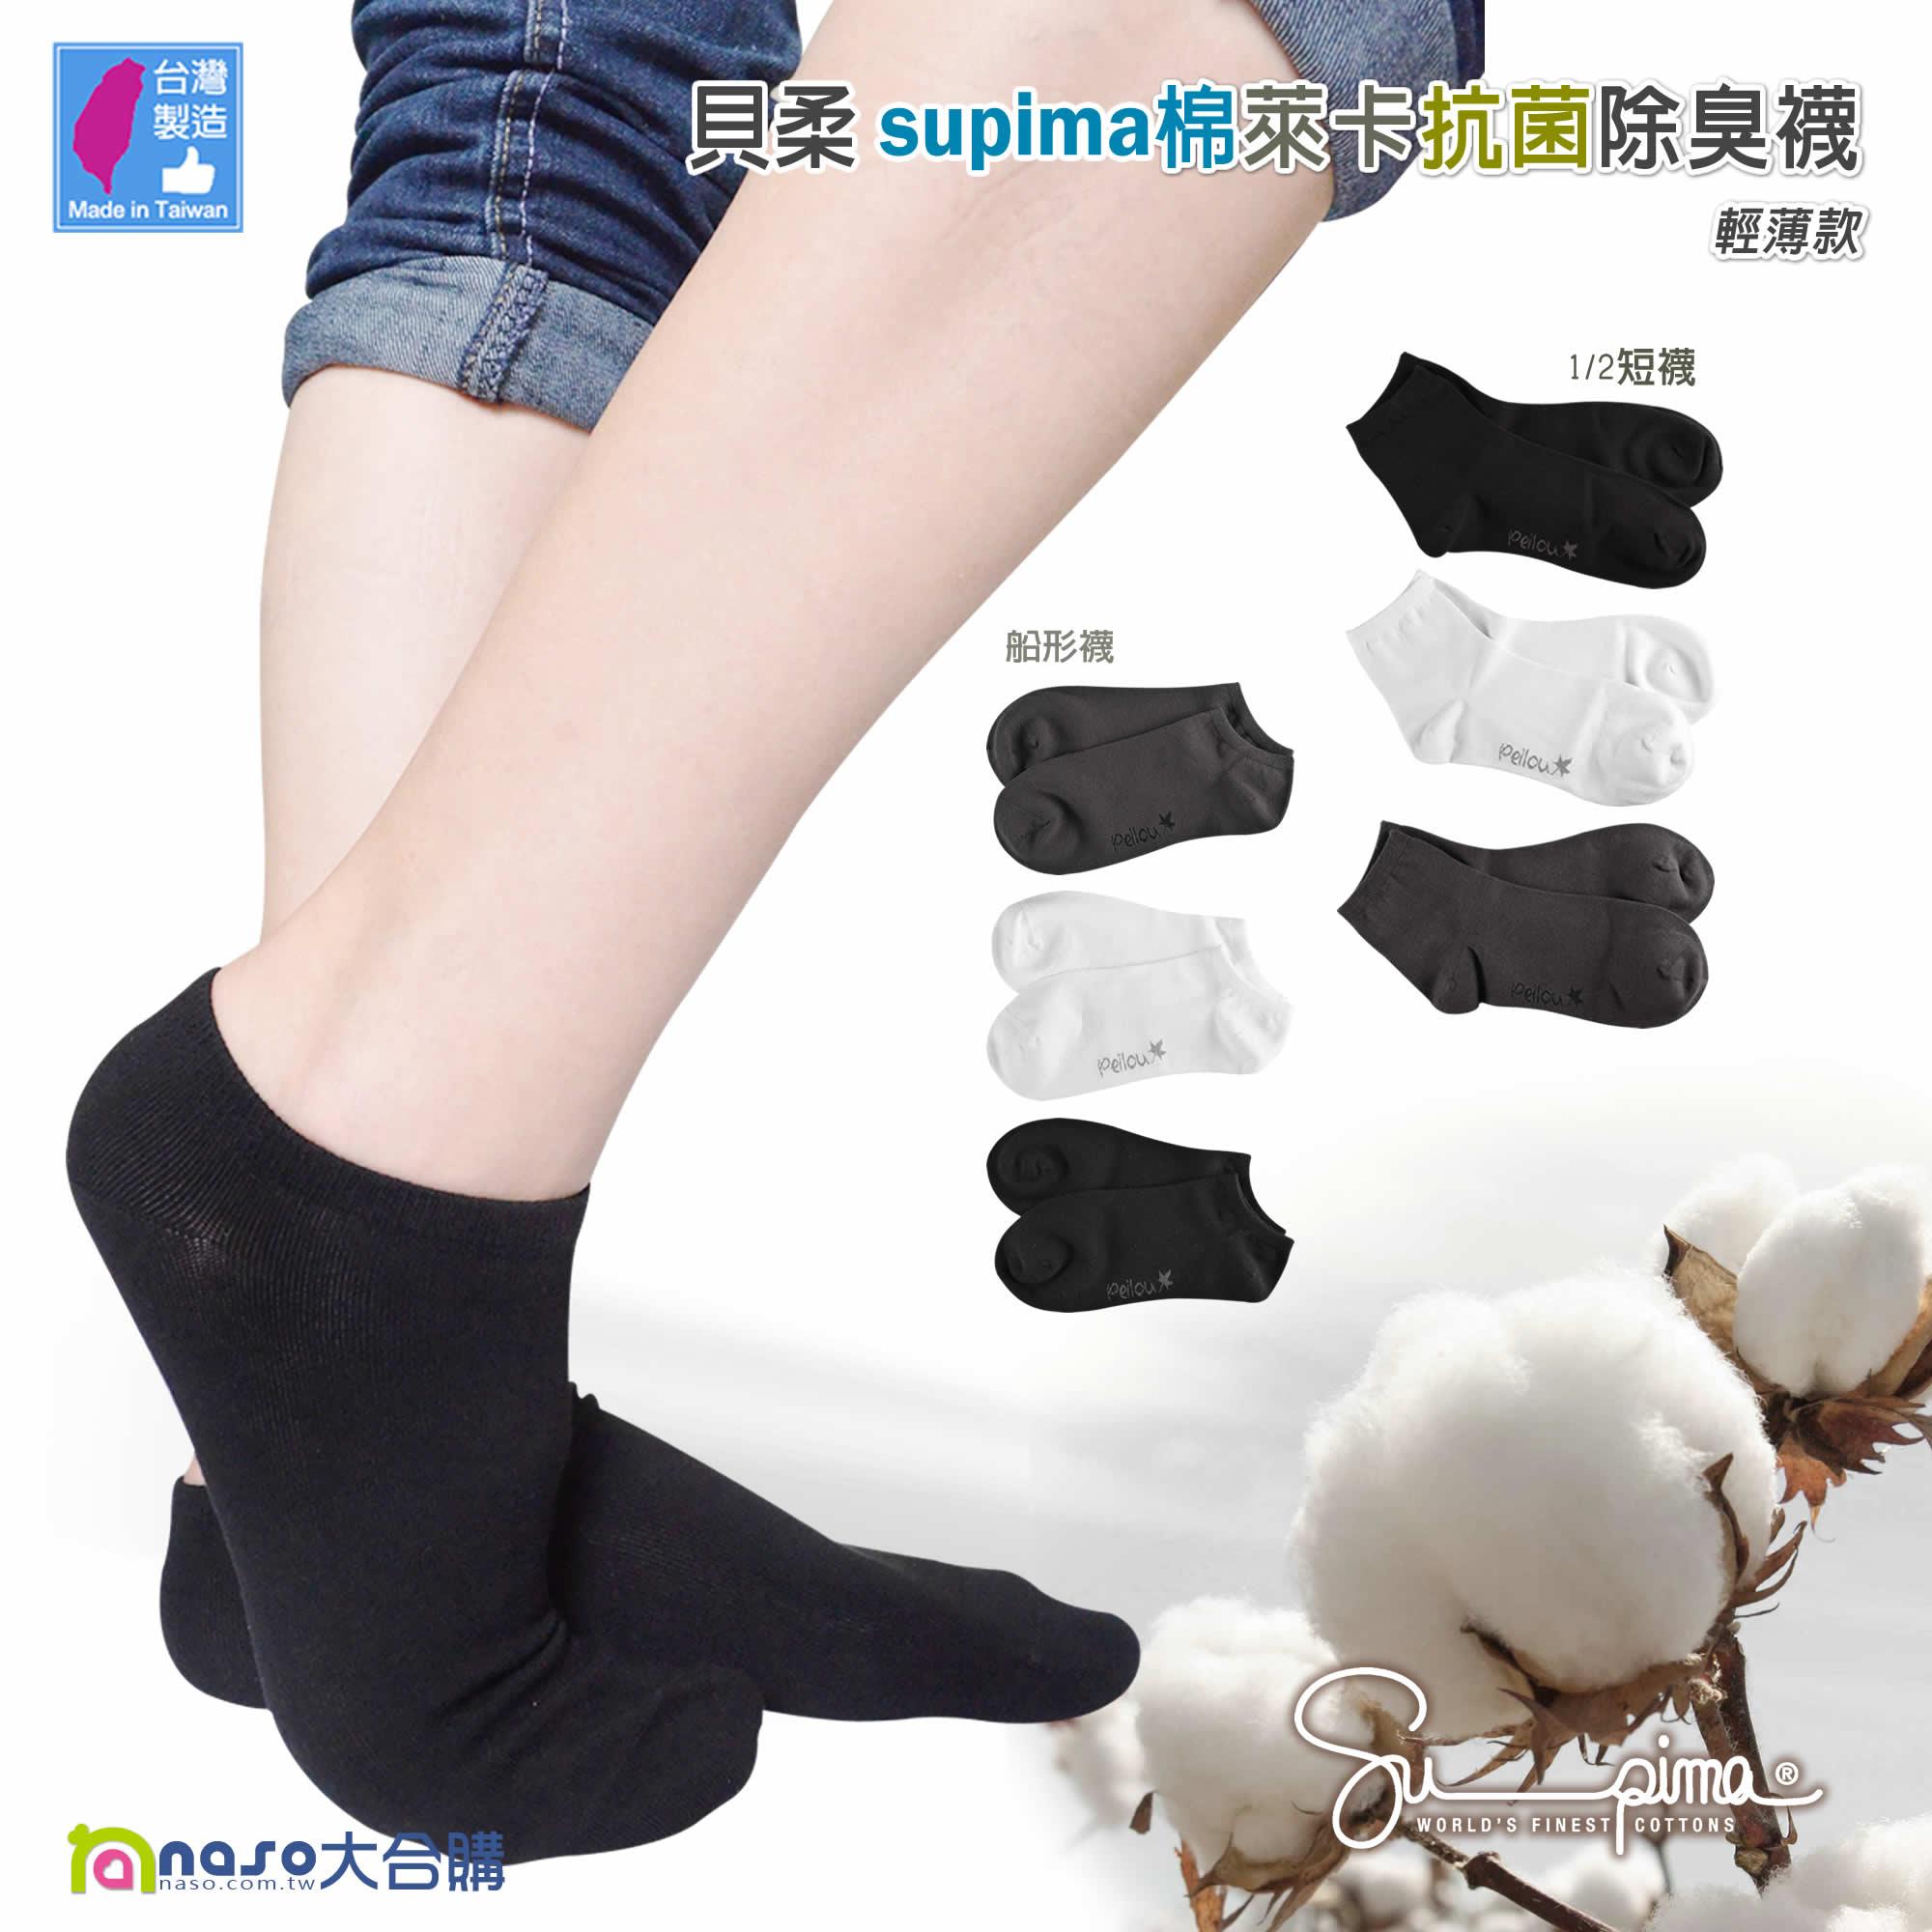 貝柔-supima棉萊卡抗菌除臭襪-輕薄款 (1/2短襪、船形襪) 台灣製造 好評第6團